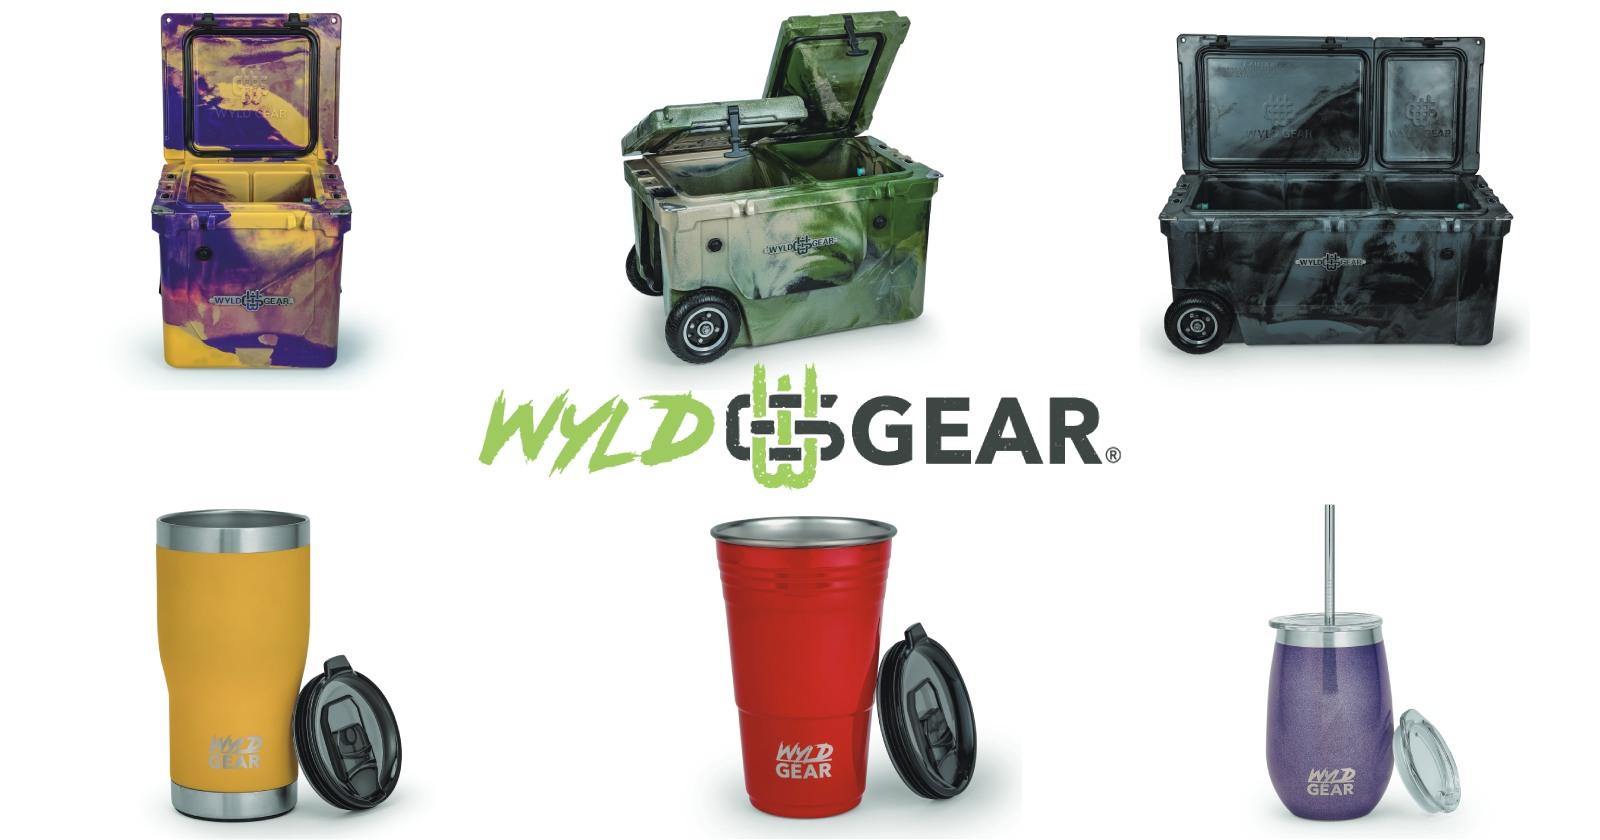 アウトドア大国アメリカ発ブランド「WYLD GEAR」が今夏日本初上陸!